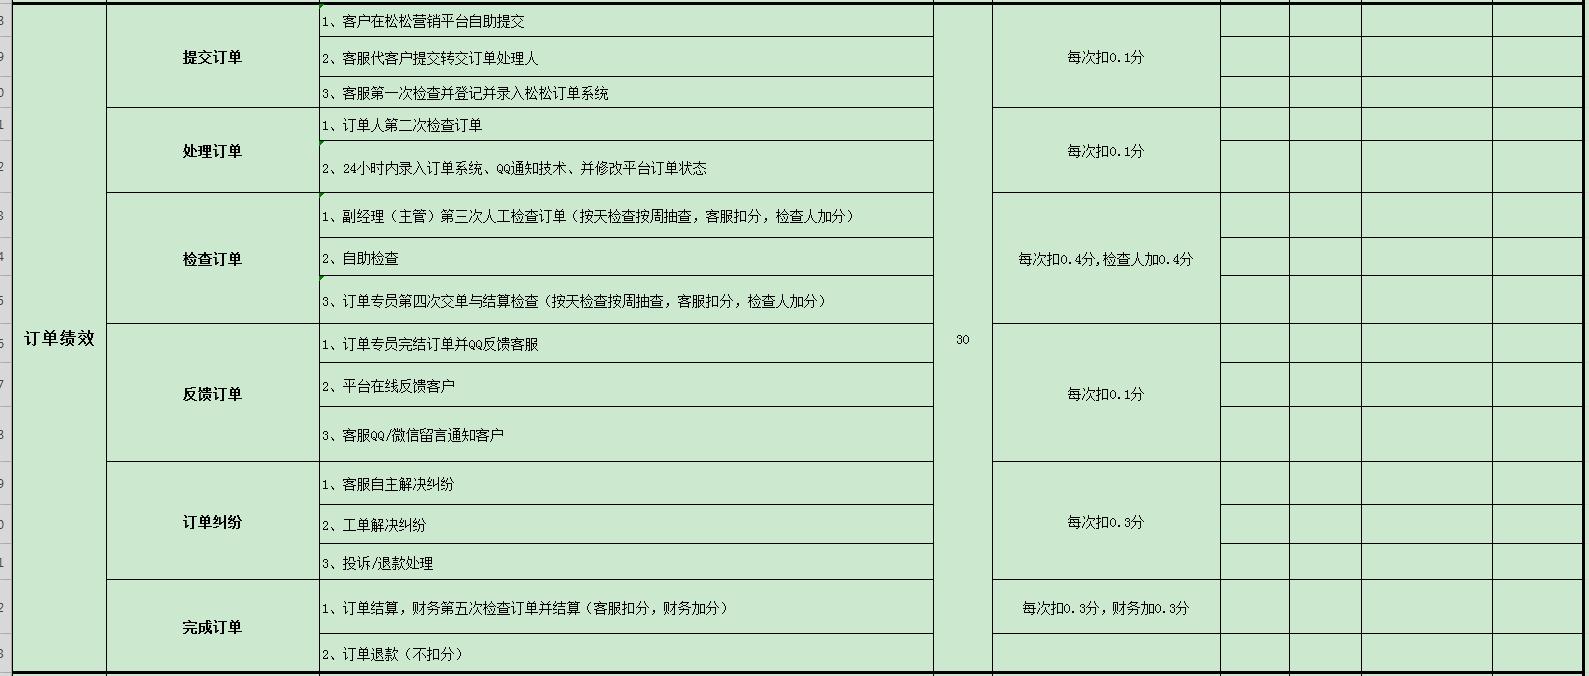 松松客服KPI绩效考核表经验分享 思考 站长 自媒体 经验心得 第5张